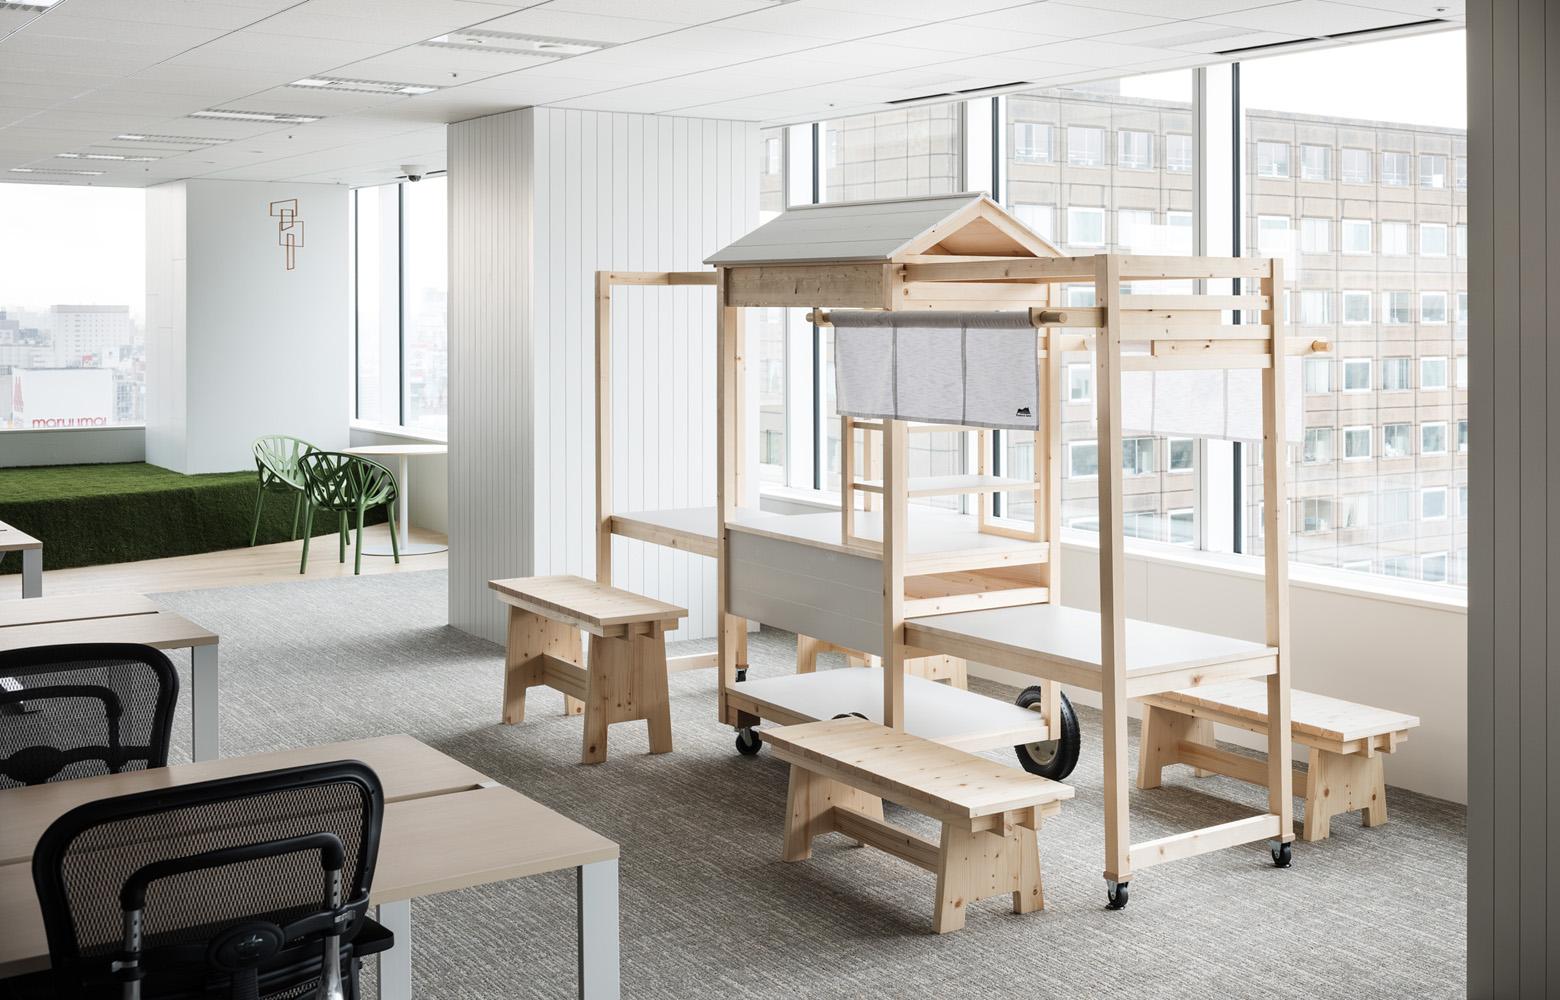 ダイアモンドヘッド株式会社  Sapporo Office Original Furniture デザイン・レイアウト事例